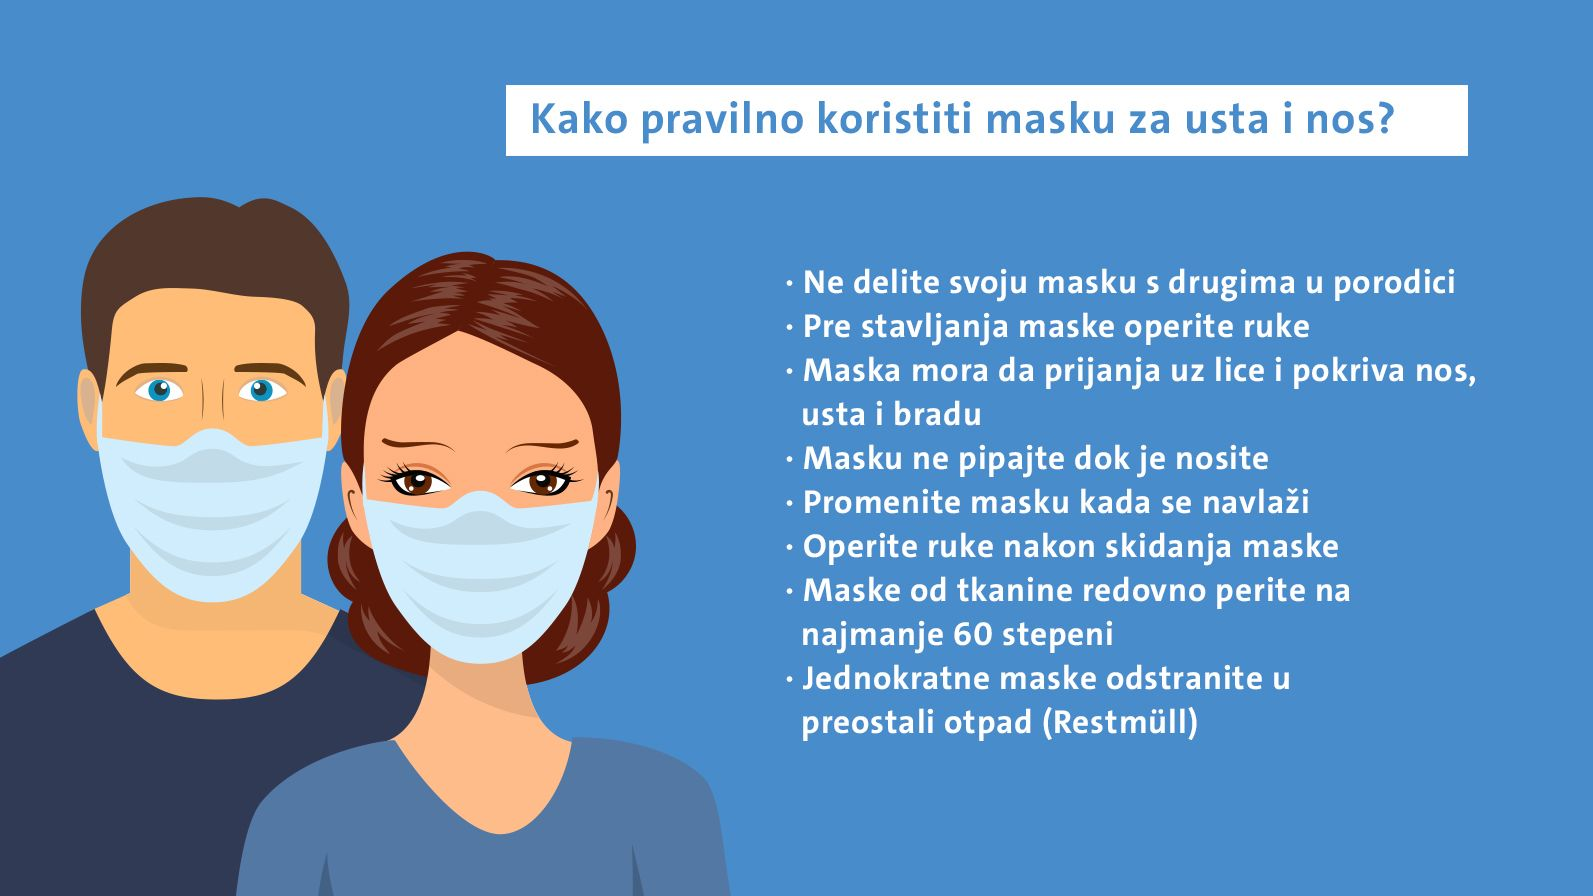 Kako pravilno koristiti masku za usta i nos? Ne delite svoju masku s drugima u porodici Pre stavljanja maske operite ruke Maska mora da prijanja uz lice i pokriva nos, usta i bradu Masku ne pipajte dok je nosite Promenite masku kada se navlaži Operite ruke nakon skidanja maske Maske od tkanine redovno perite na najmanje 60 stepeni Jednokratne maske odstranite u preostali otpad (Restmüll)